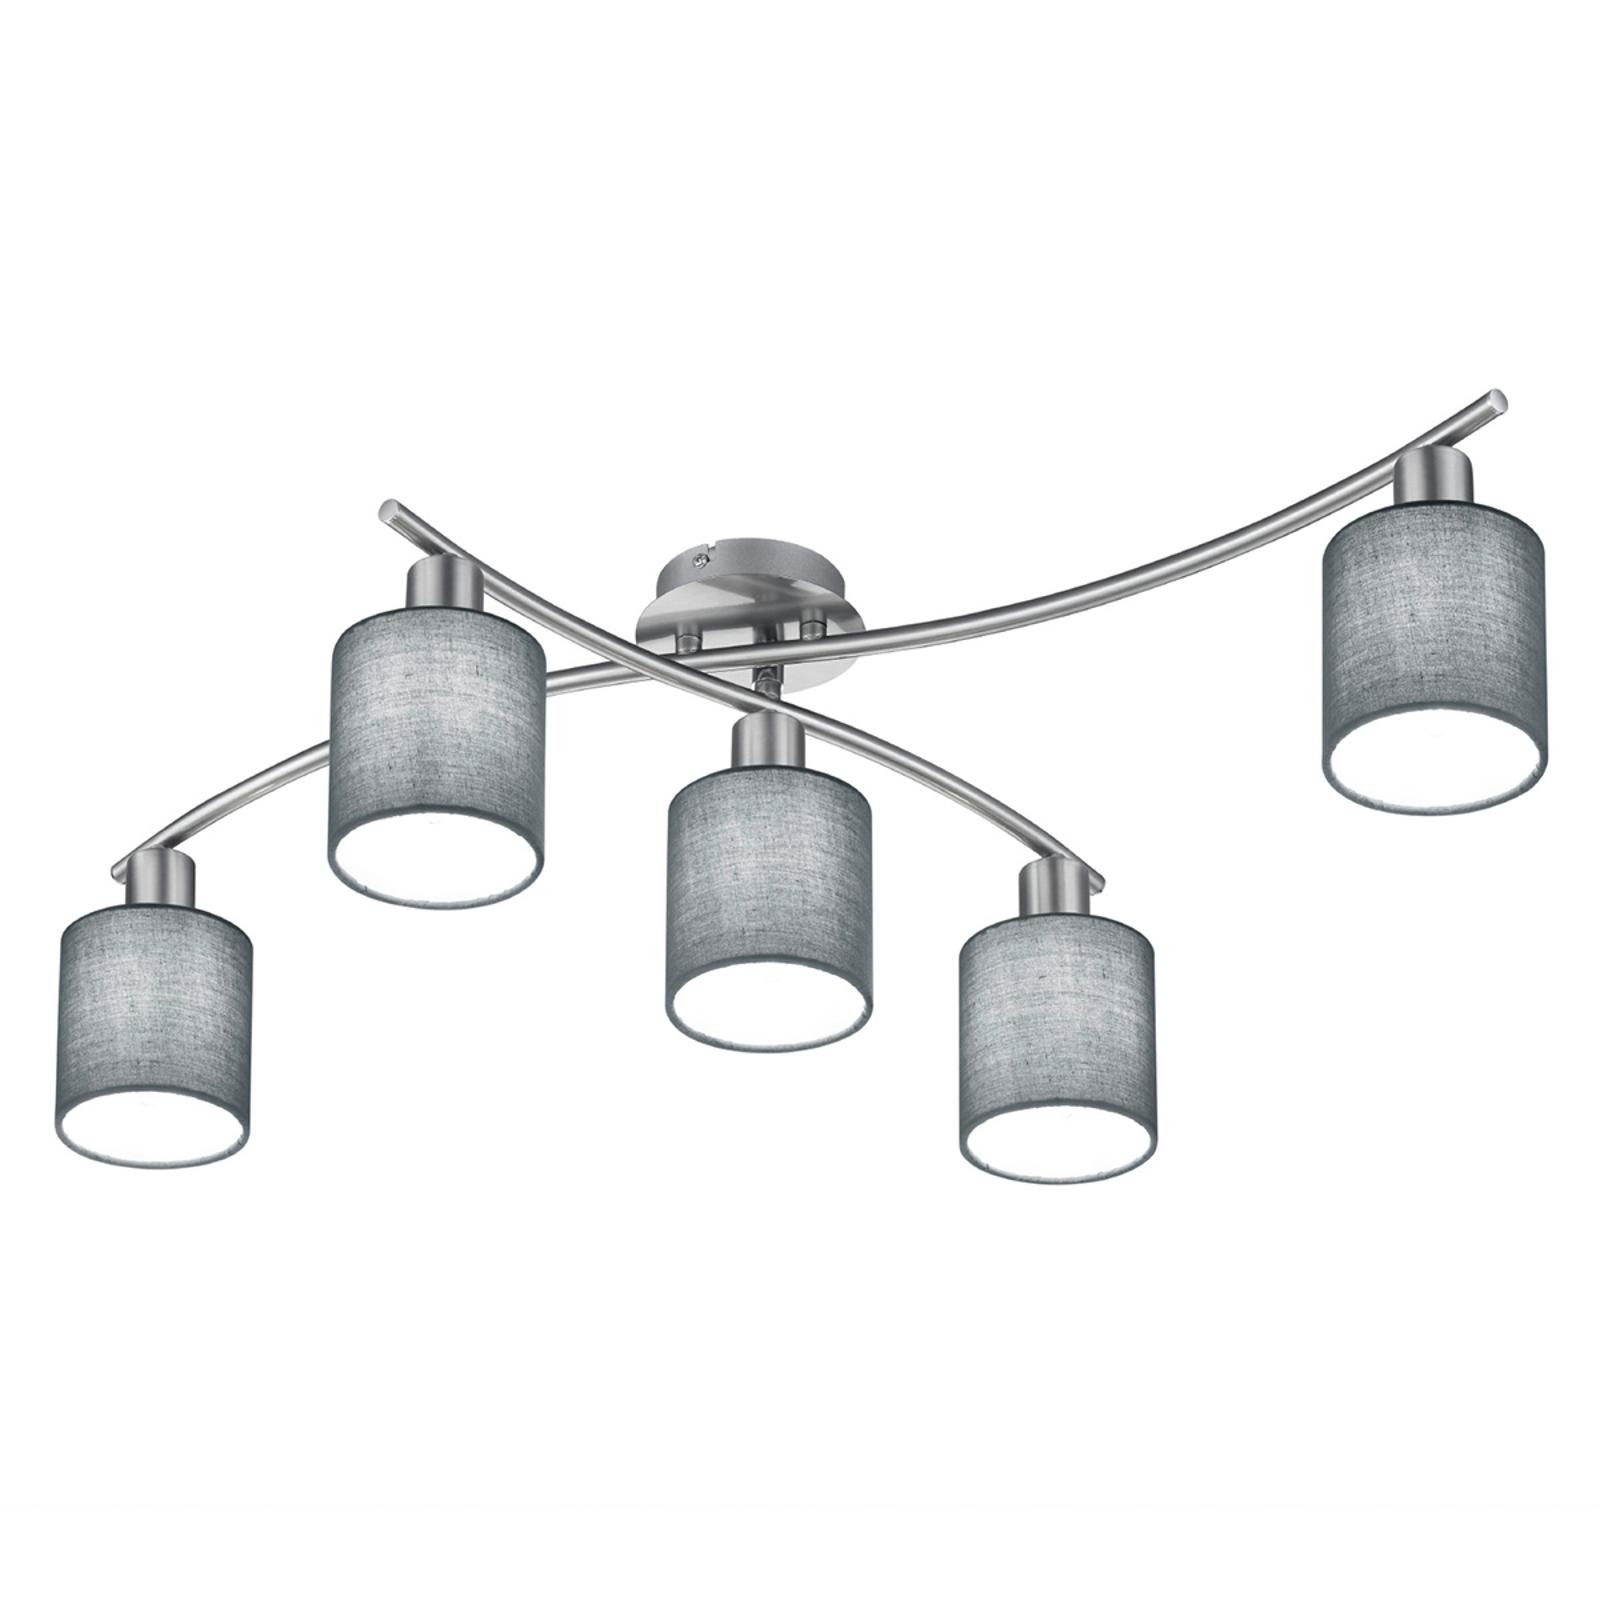 Plafonnier Garda à 5 lampes, abat-jour gris